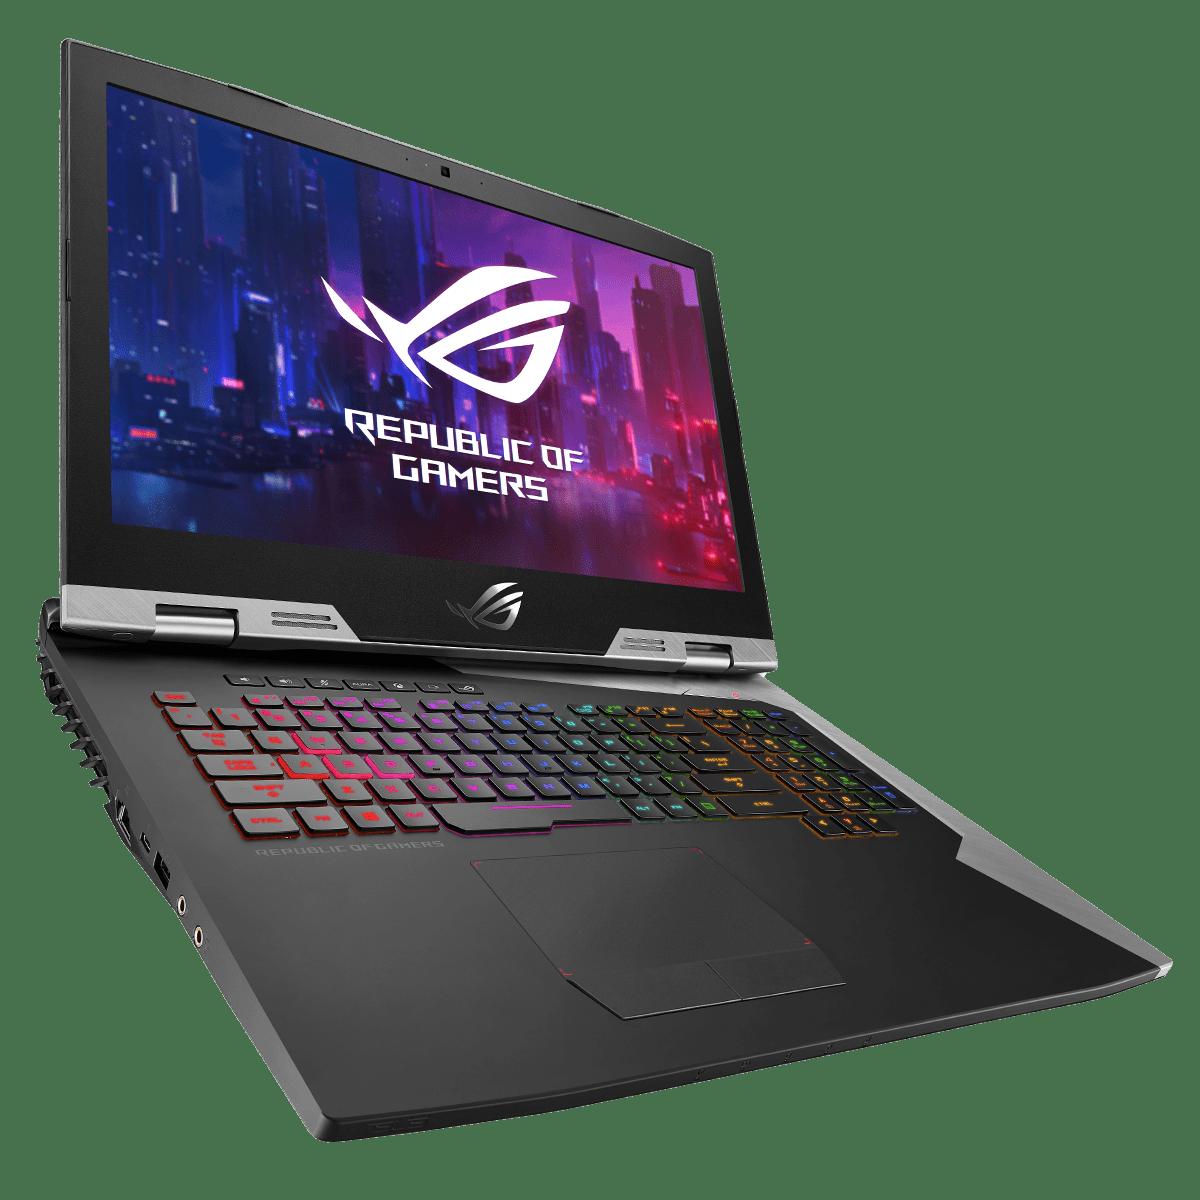 ASUS ROG G703GX-XB76 Gaming Laptop